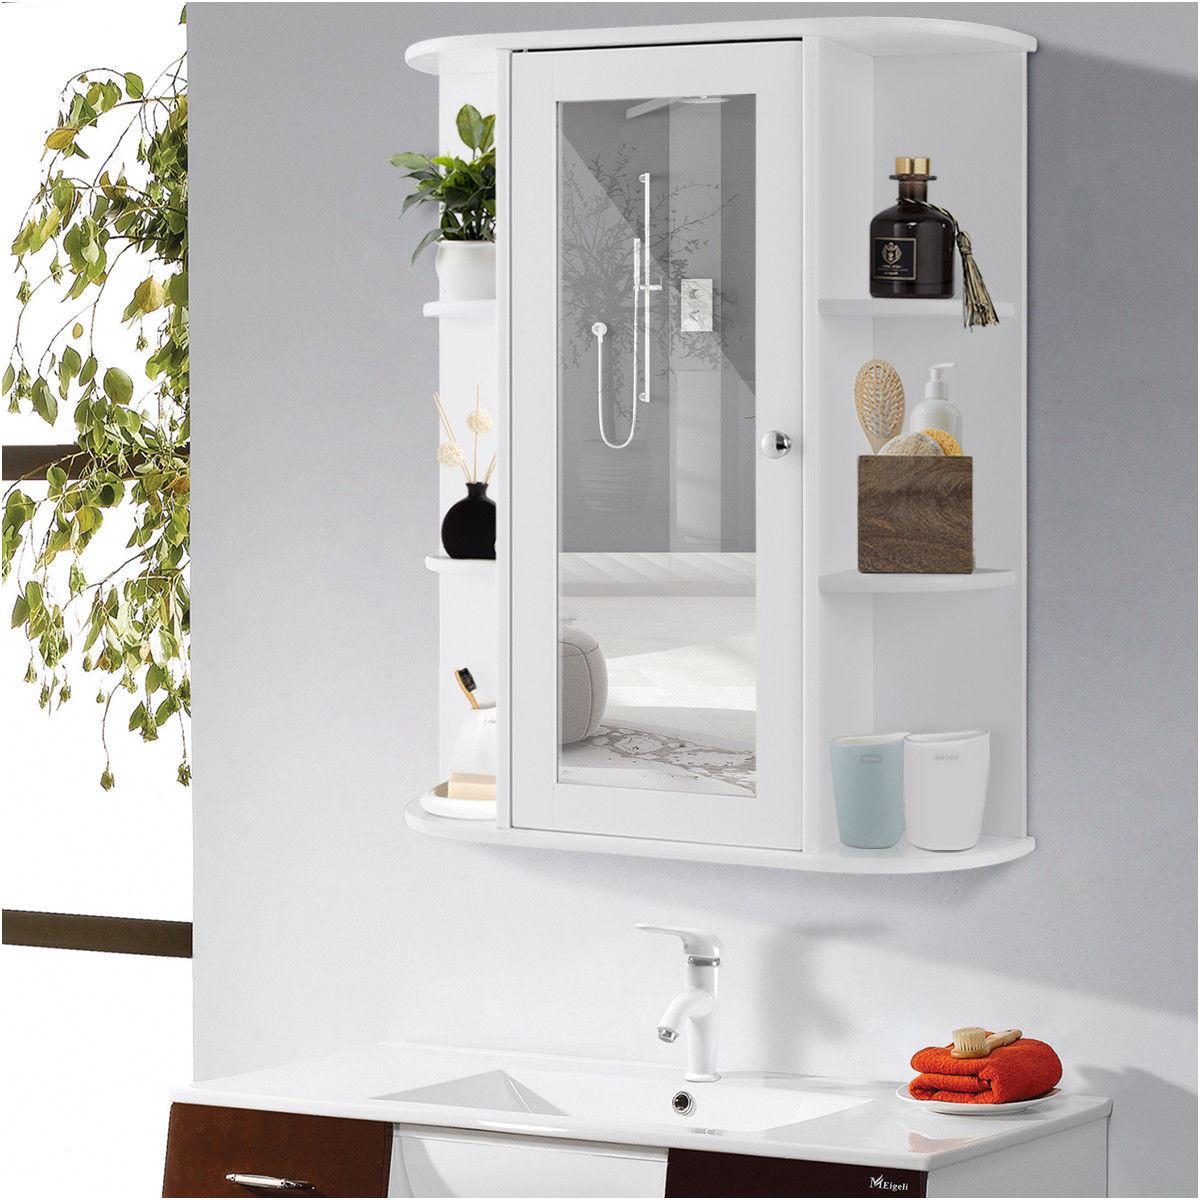 Best Of Three Door Mirrored Bathroom Cabinet